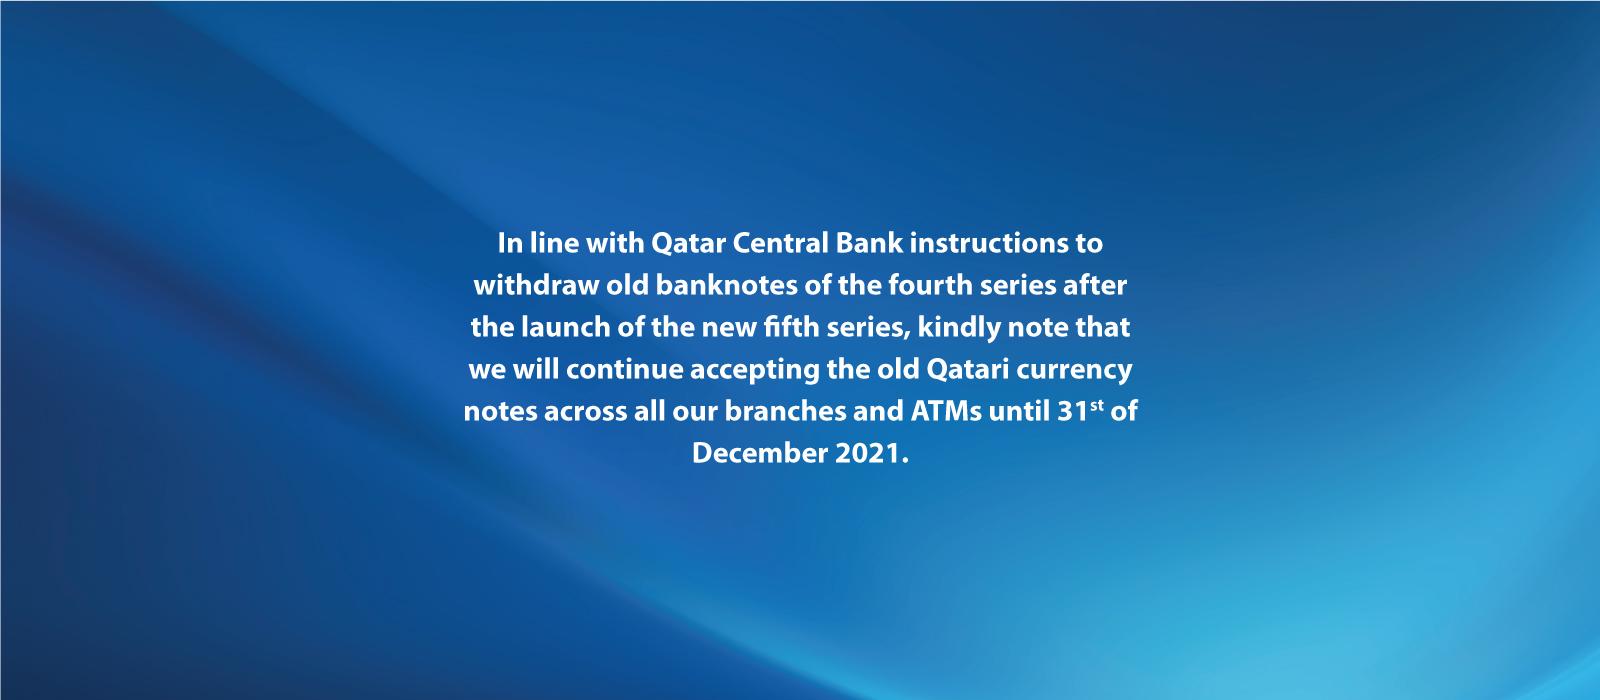 Website-banner-1600x700-Qatar-E